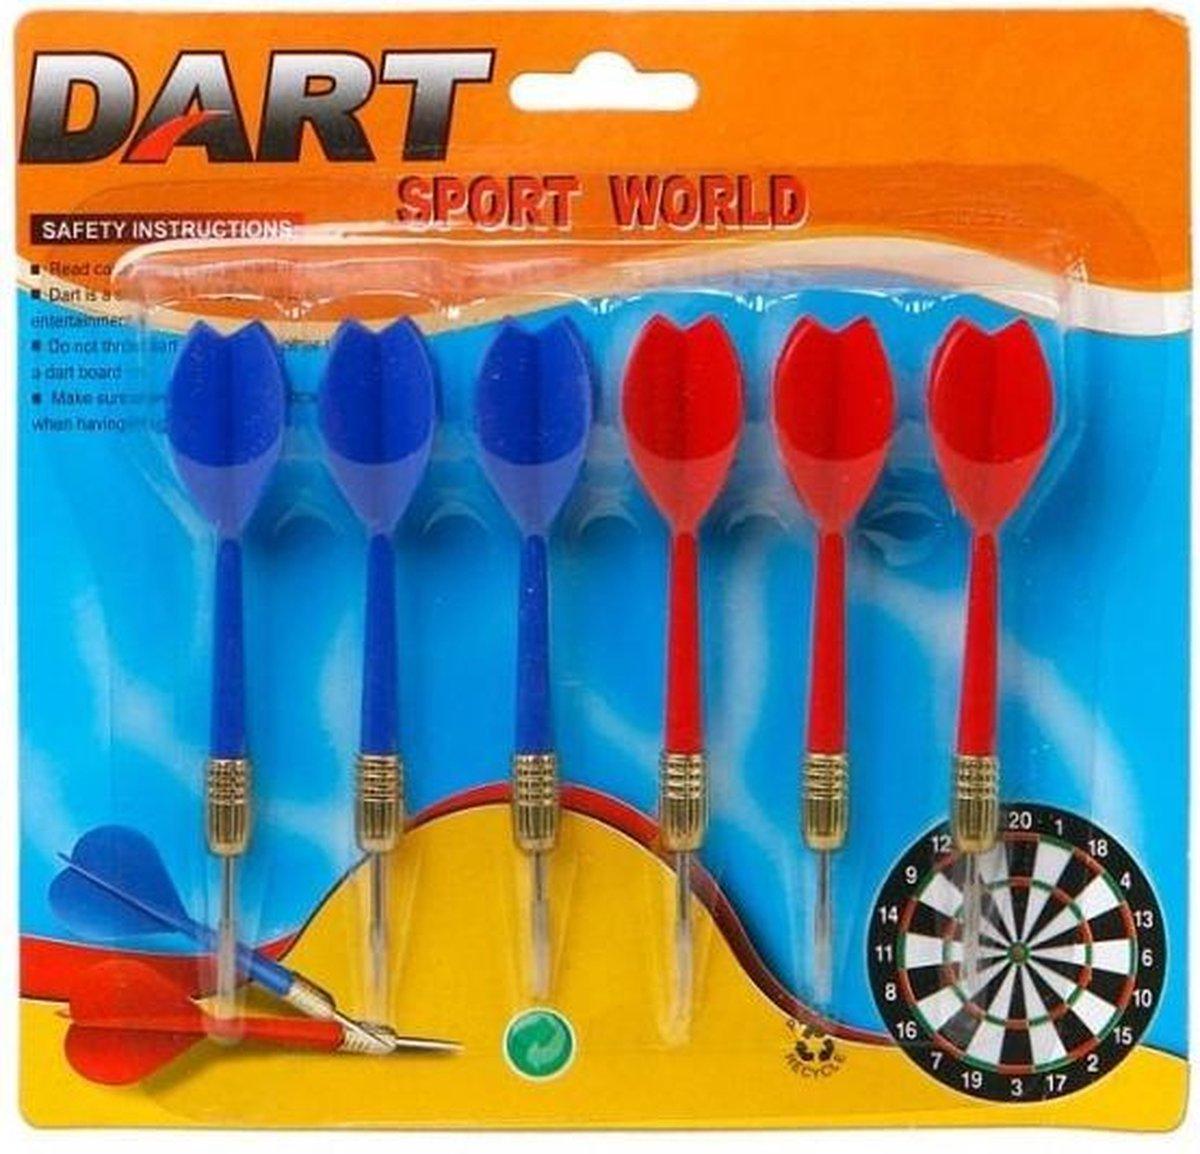 6x Dartpijlen rood en blauw 11,5 cm sportief speelgoed